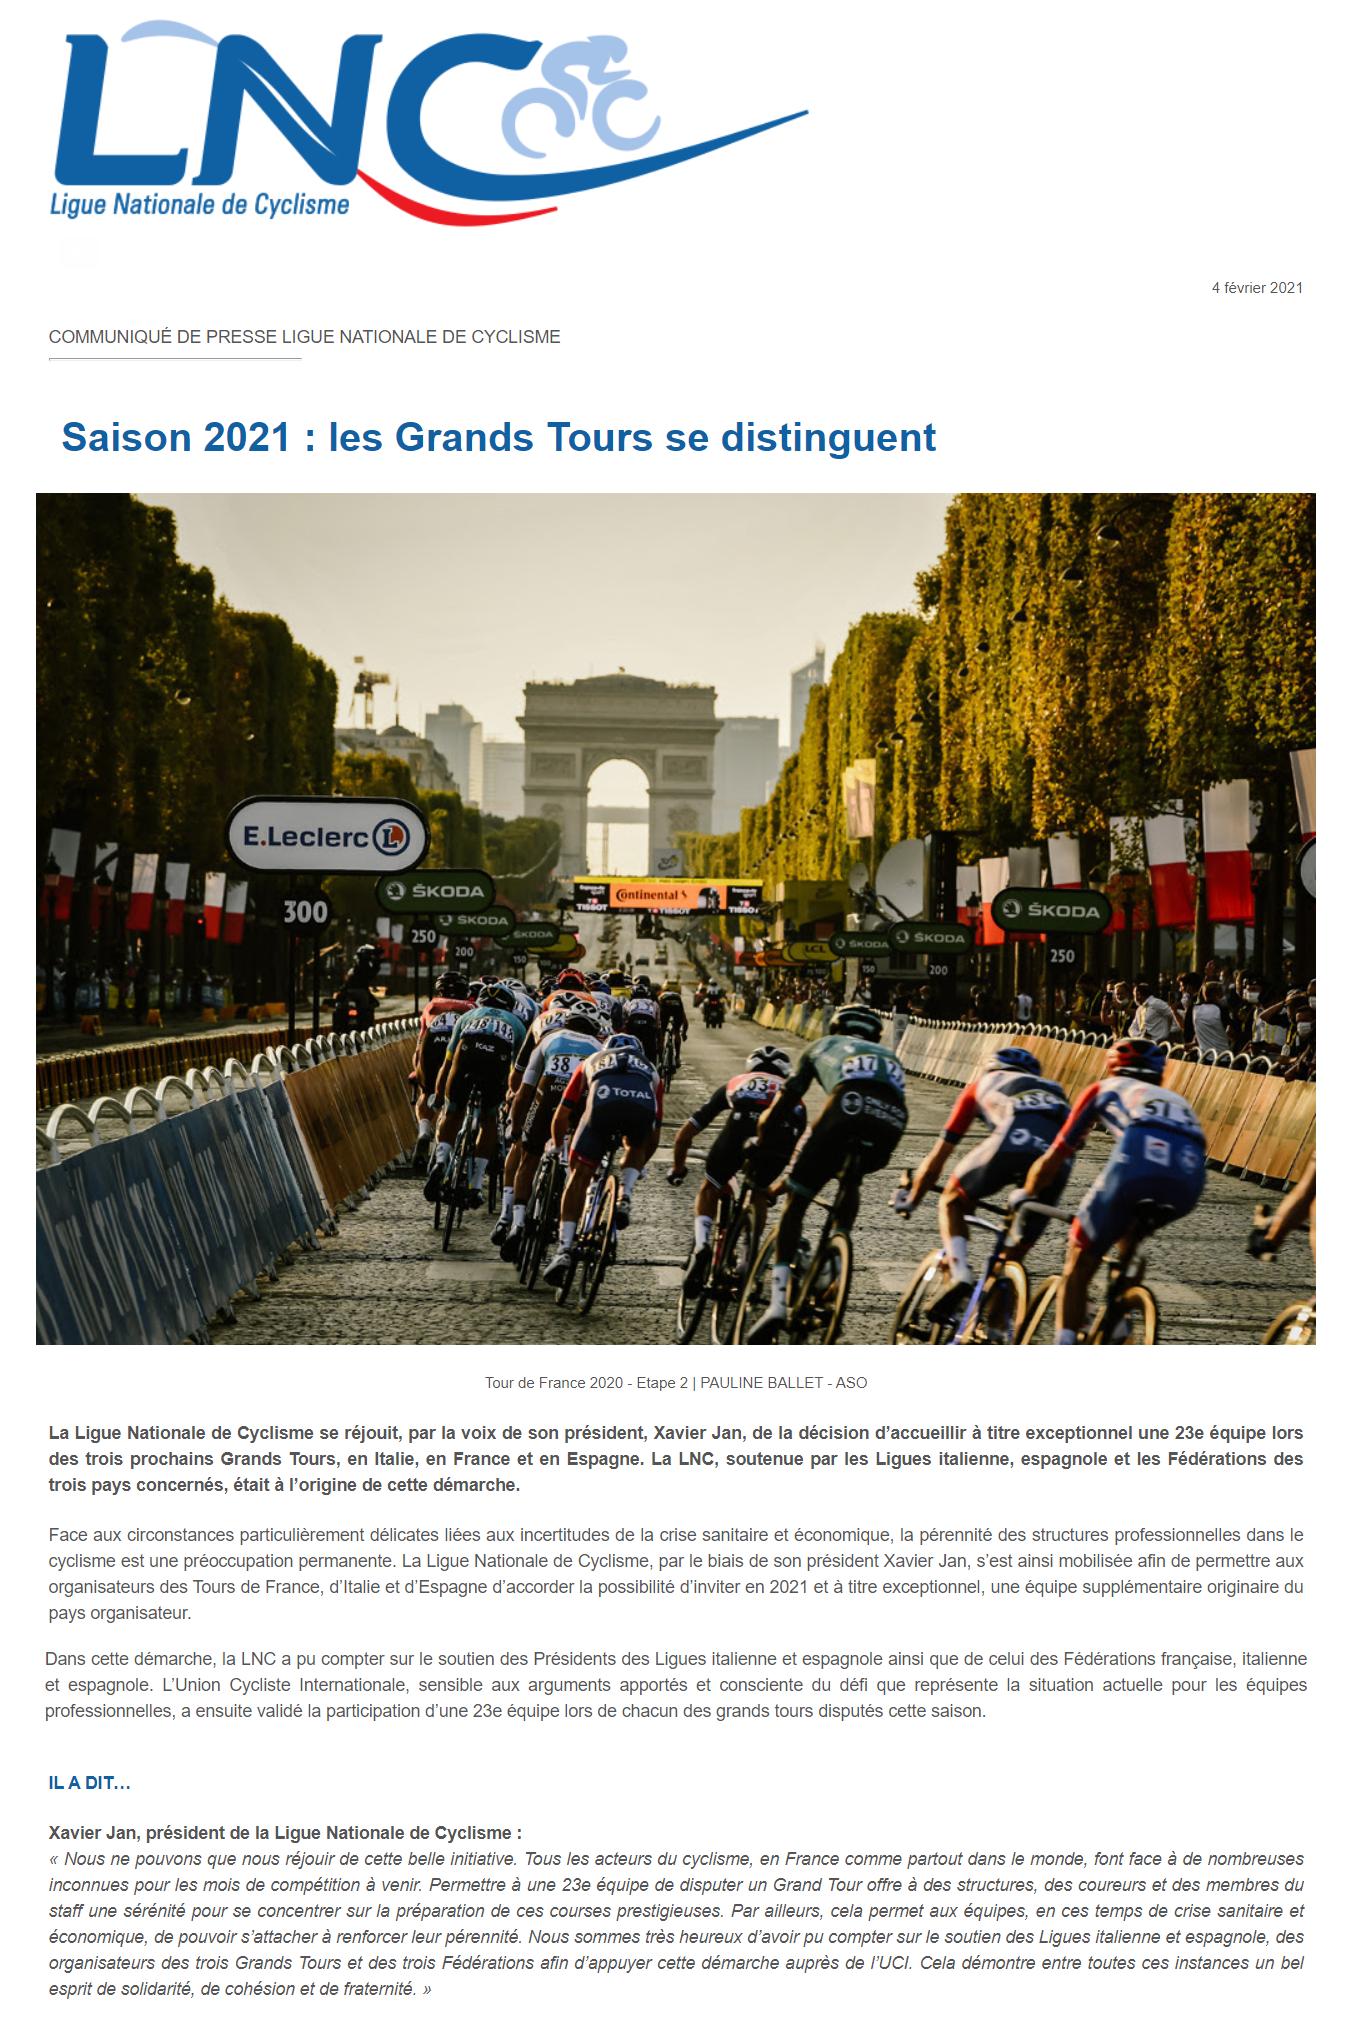 Communiqué de la Ligue Nationale de Cyclisme